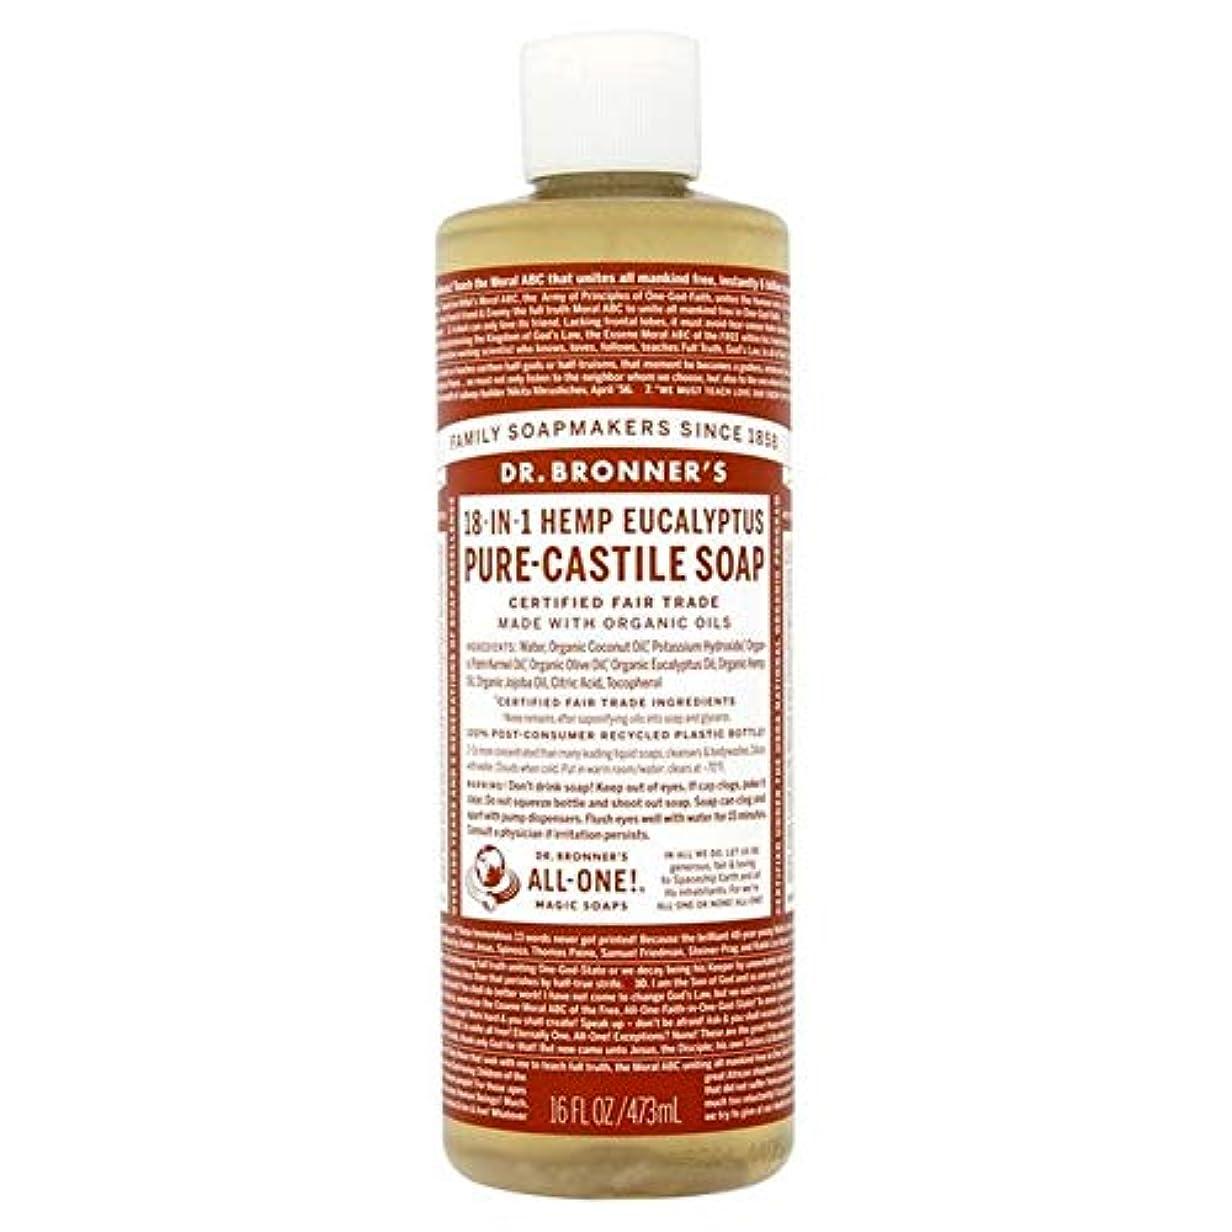 デッド再現する入場料[Dr Bronner] Dr。ブロナーズ有機ユーカリの純粋な-カスティーリャ液体石鹸473ミリリットル - Dr. Bronner's Organic Eucalyptus Pure-Castille Liquid Soap...